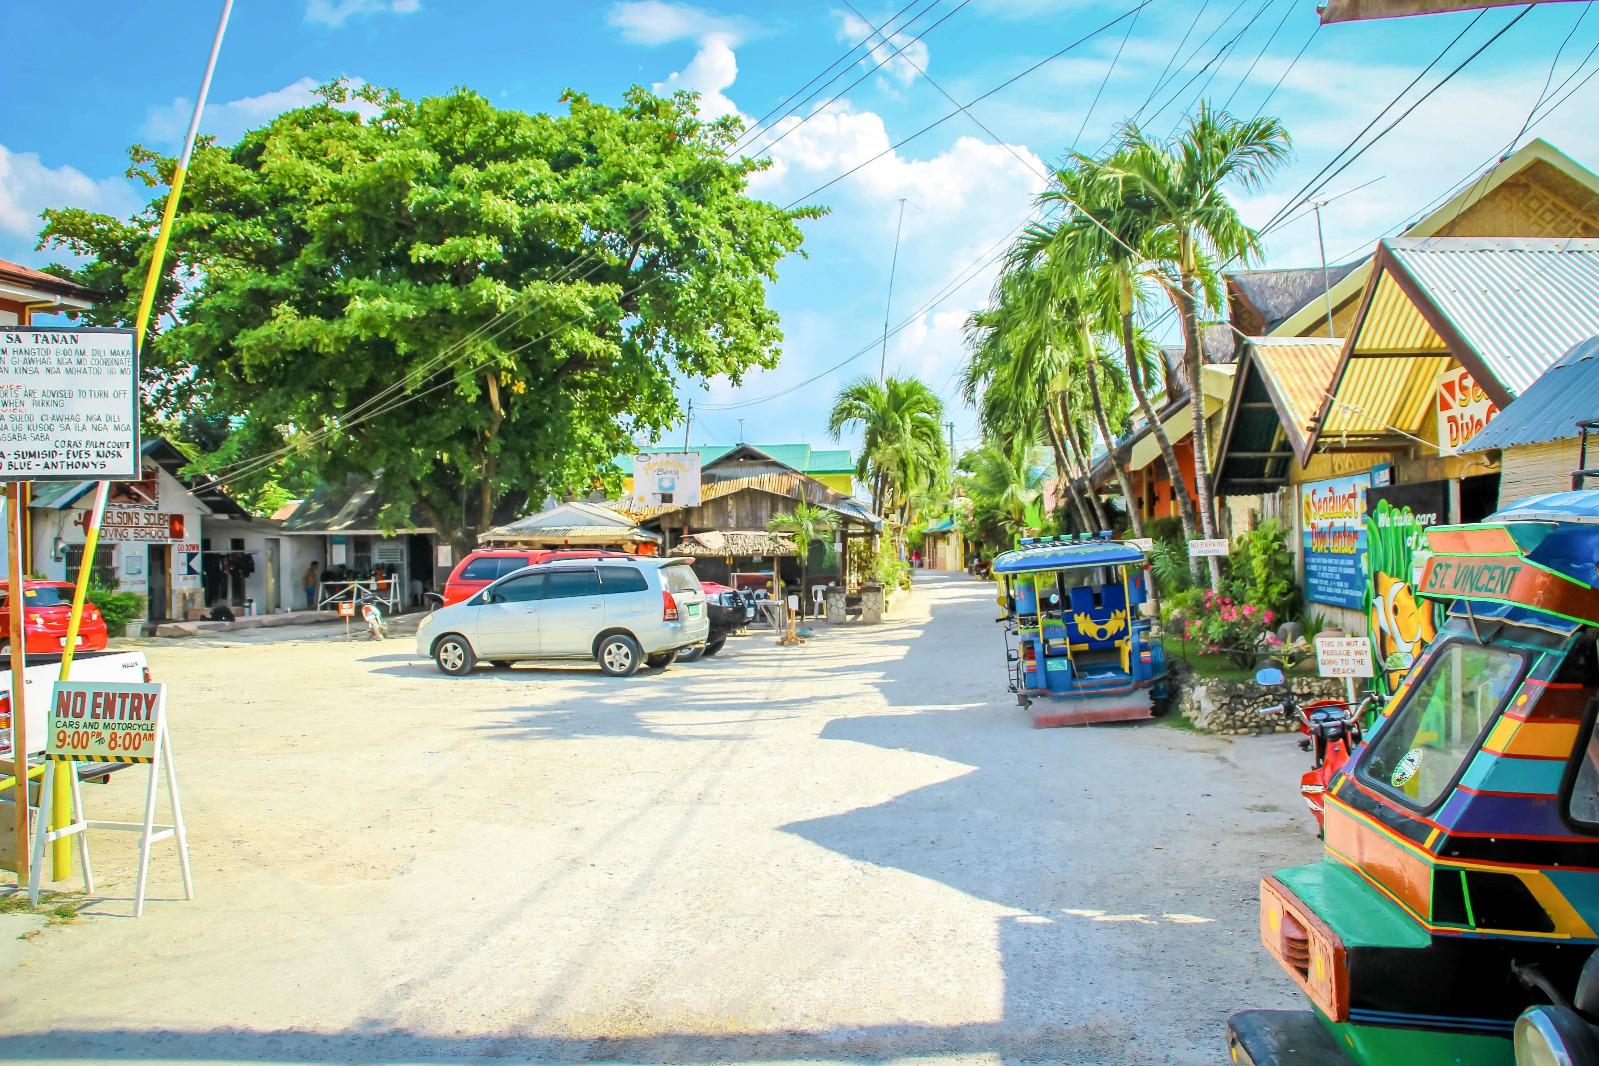 最近海岛价格开始疯涨,只有这里便宜到哭!|700+南方出发、多地往返菲律